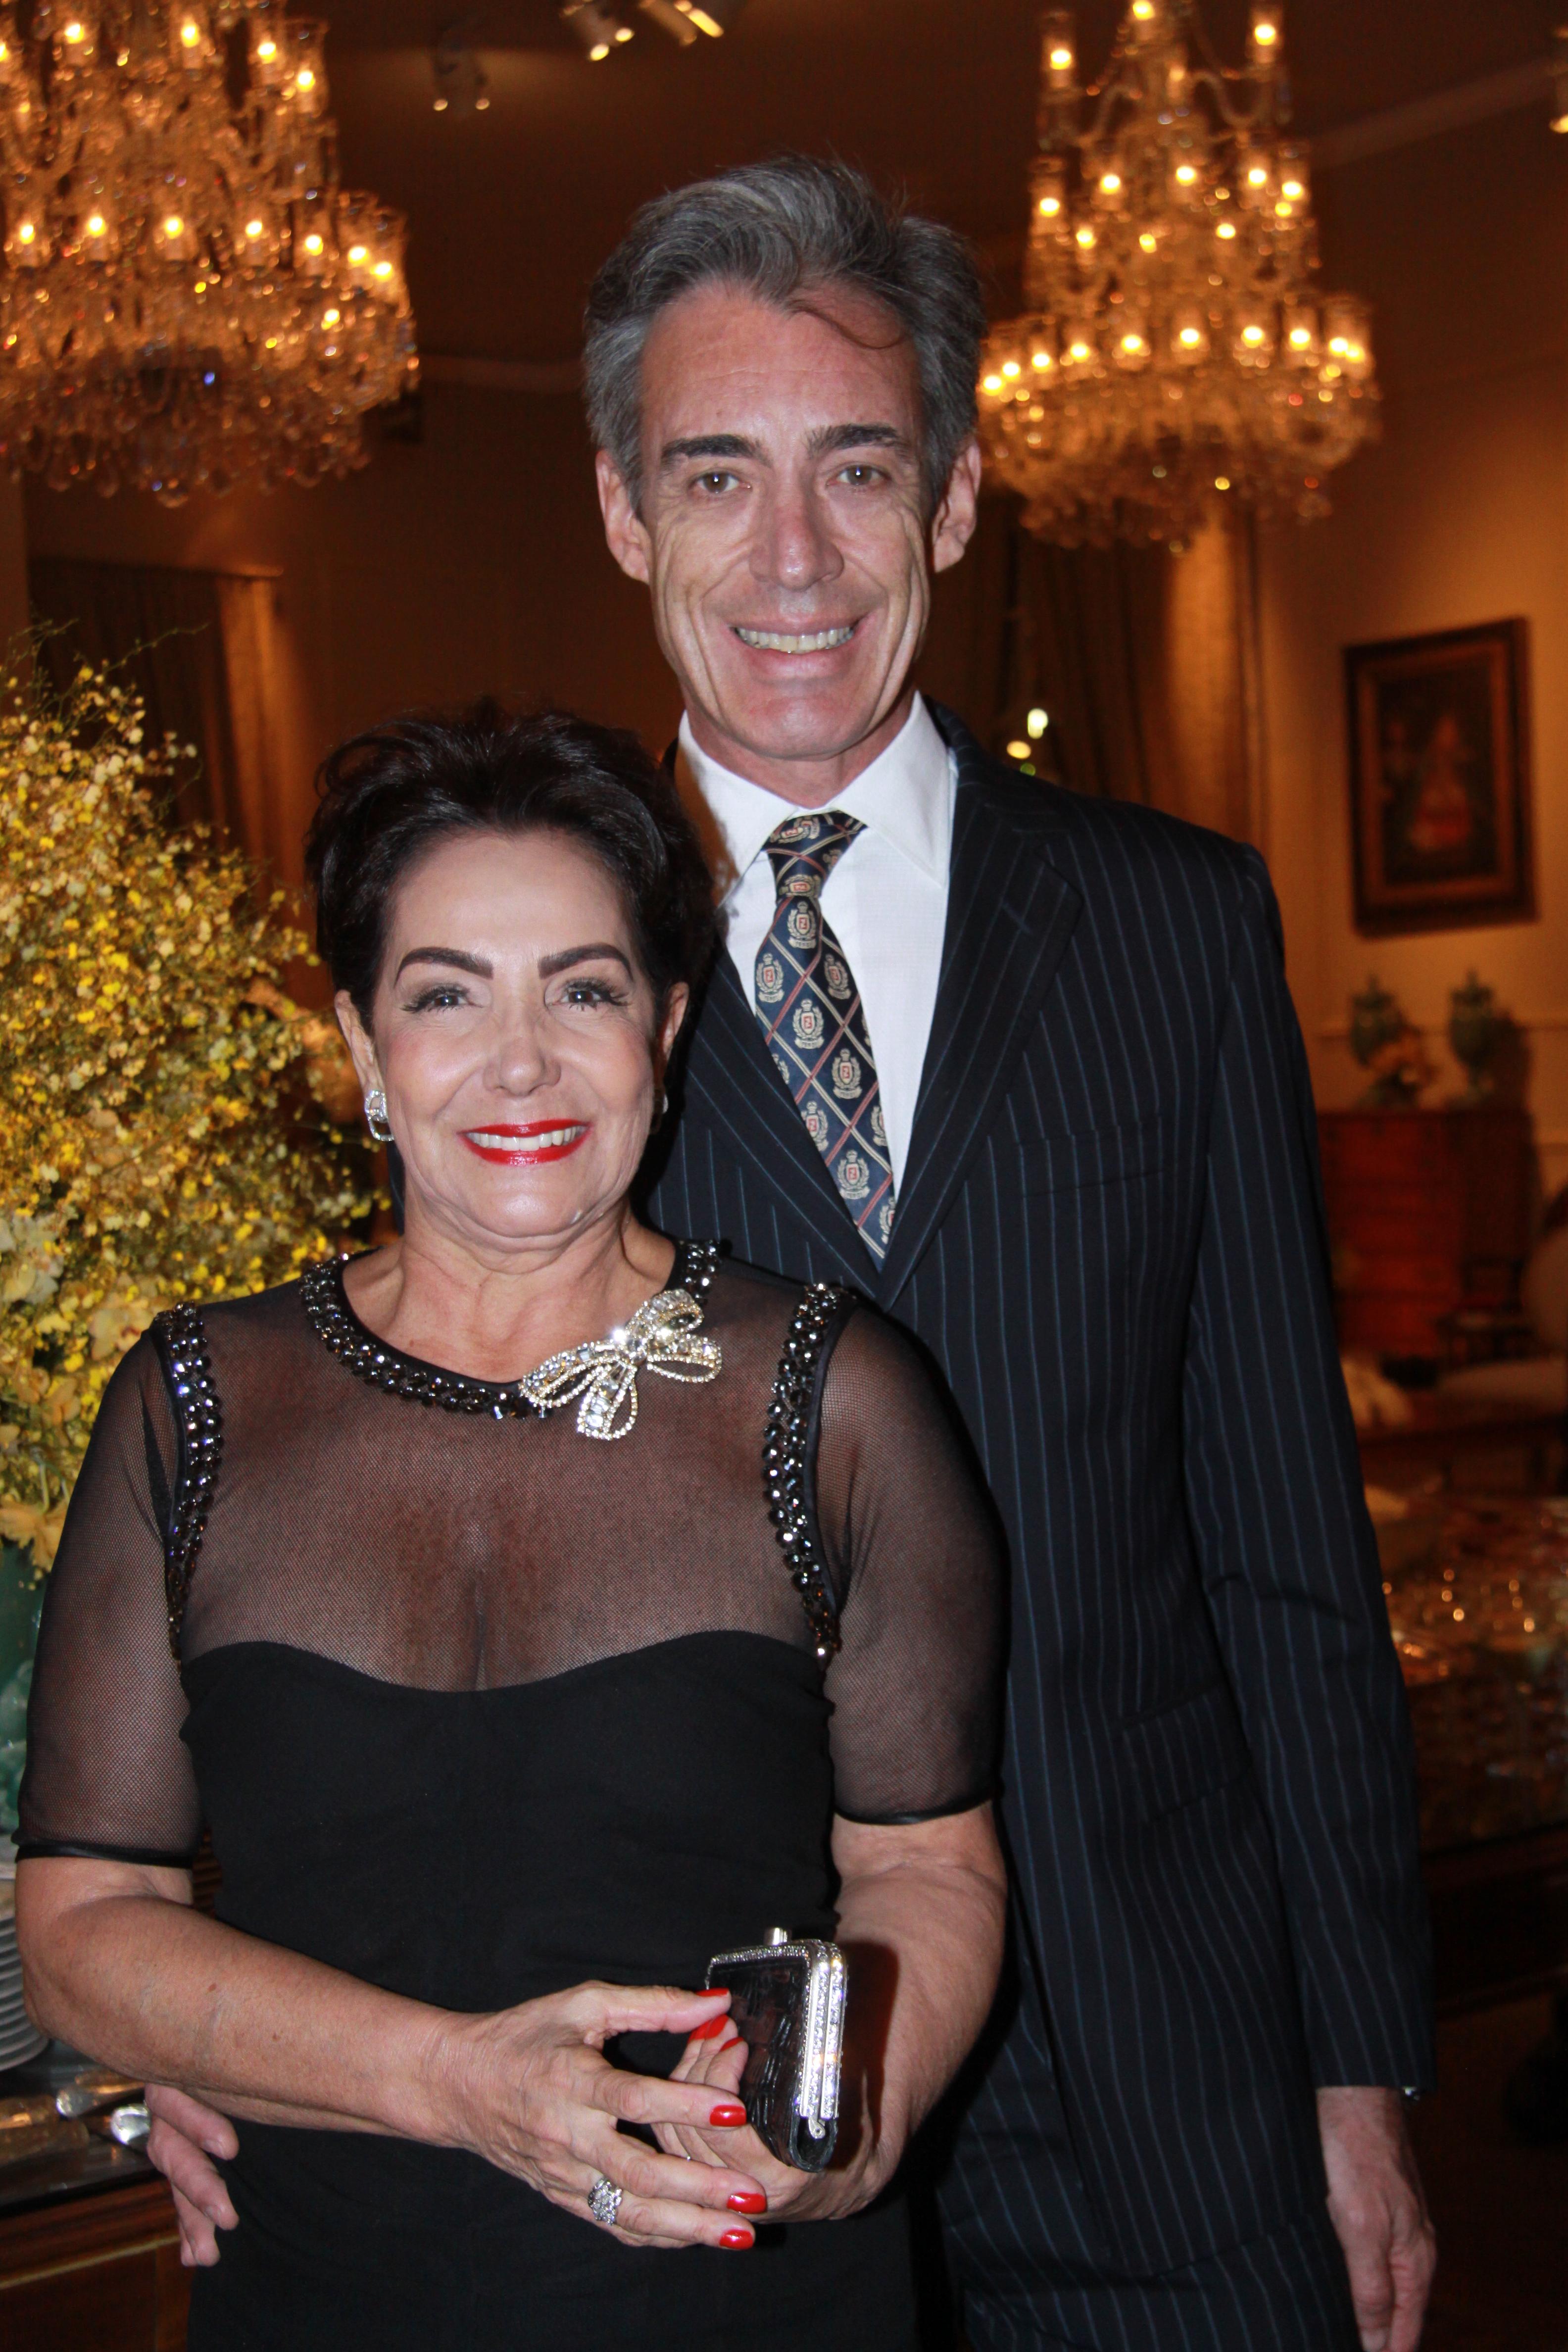 tamara img 6663 Mais fotos do incrível casamento Gontijo Rudge